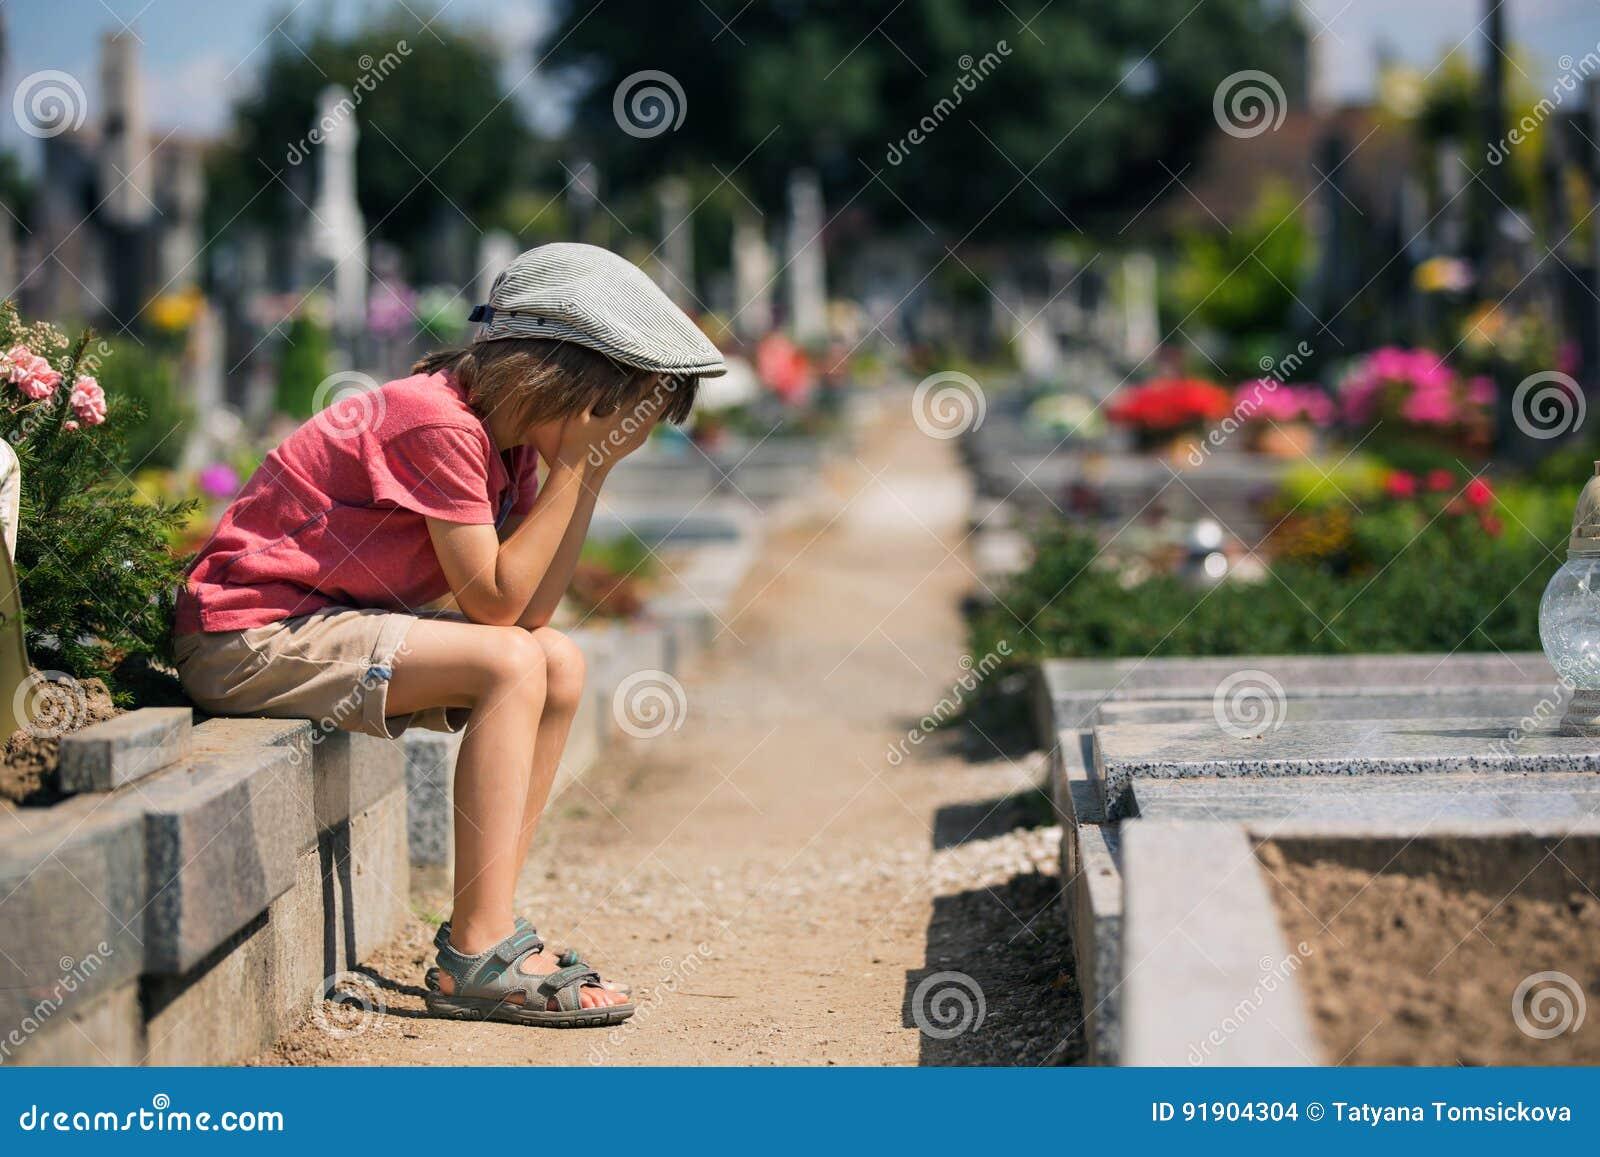 Ragazzino triste, sedentesi su una tomba in un cimitero, ritenente triste